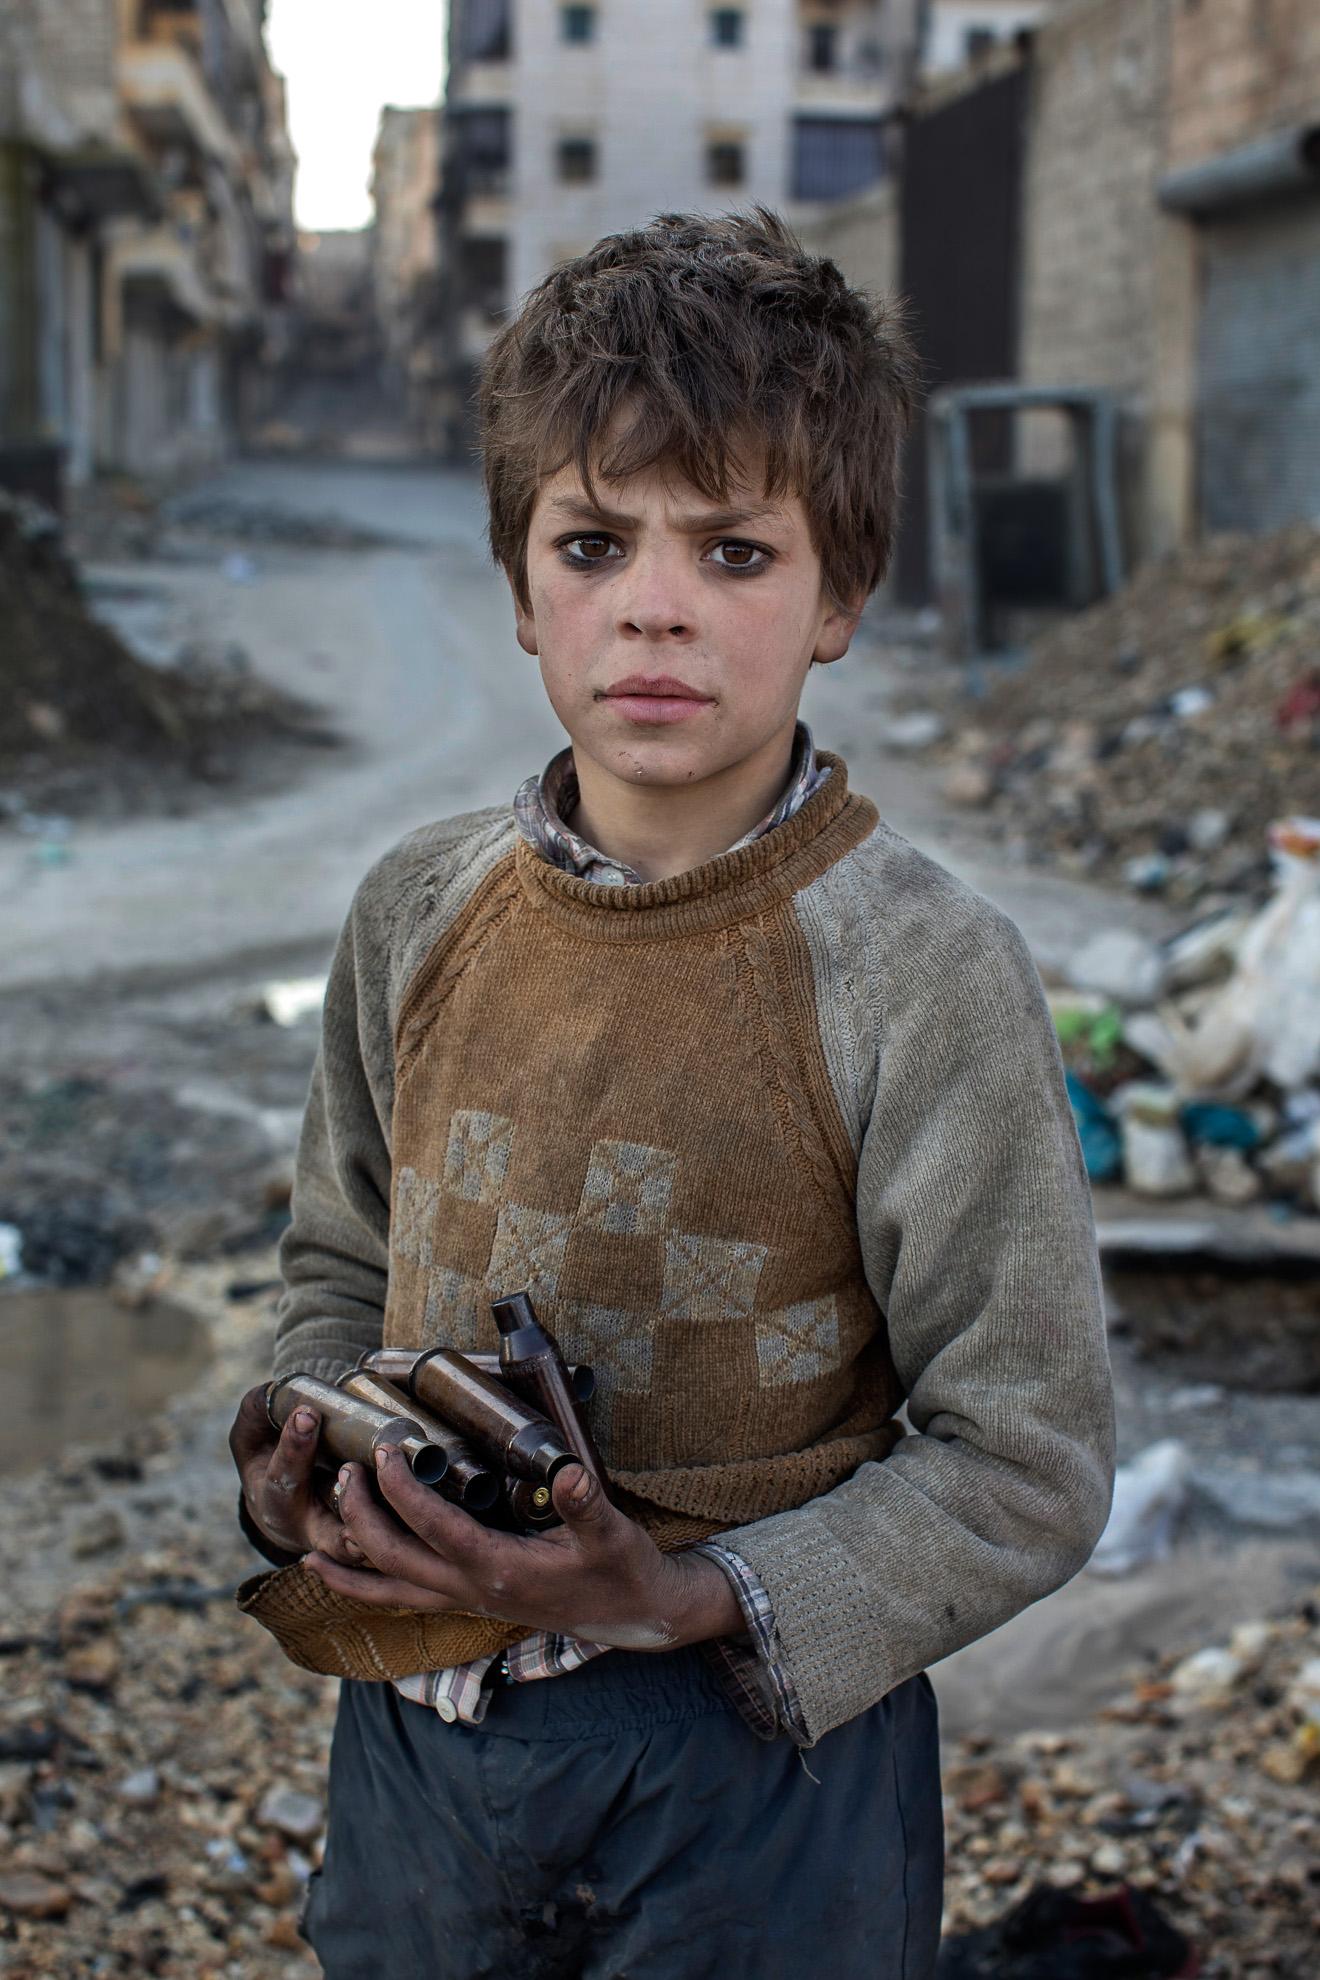 Alepo, Siria. 14-01-2013. A sus nueve años, Alladin recoge munición usada cerca de la línea del frente en Alepo para vender el metal.